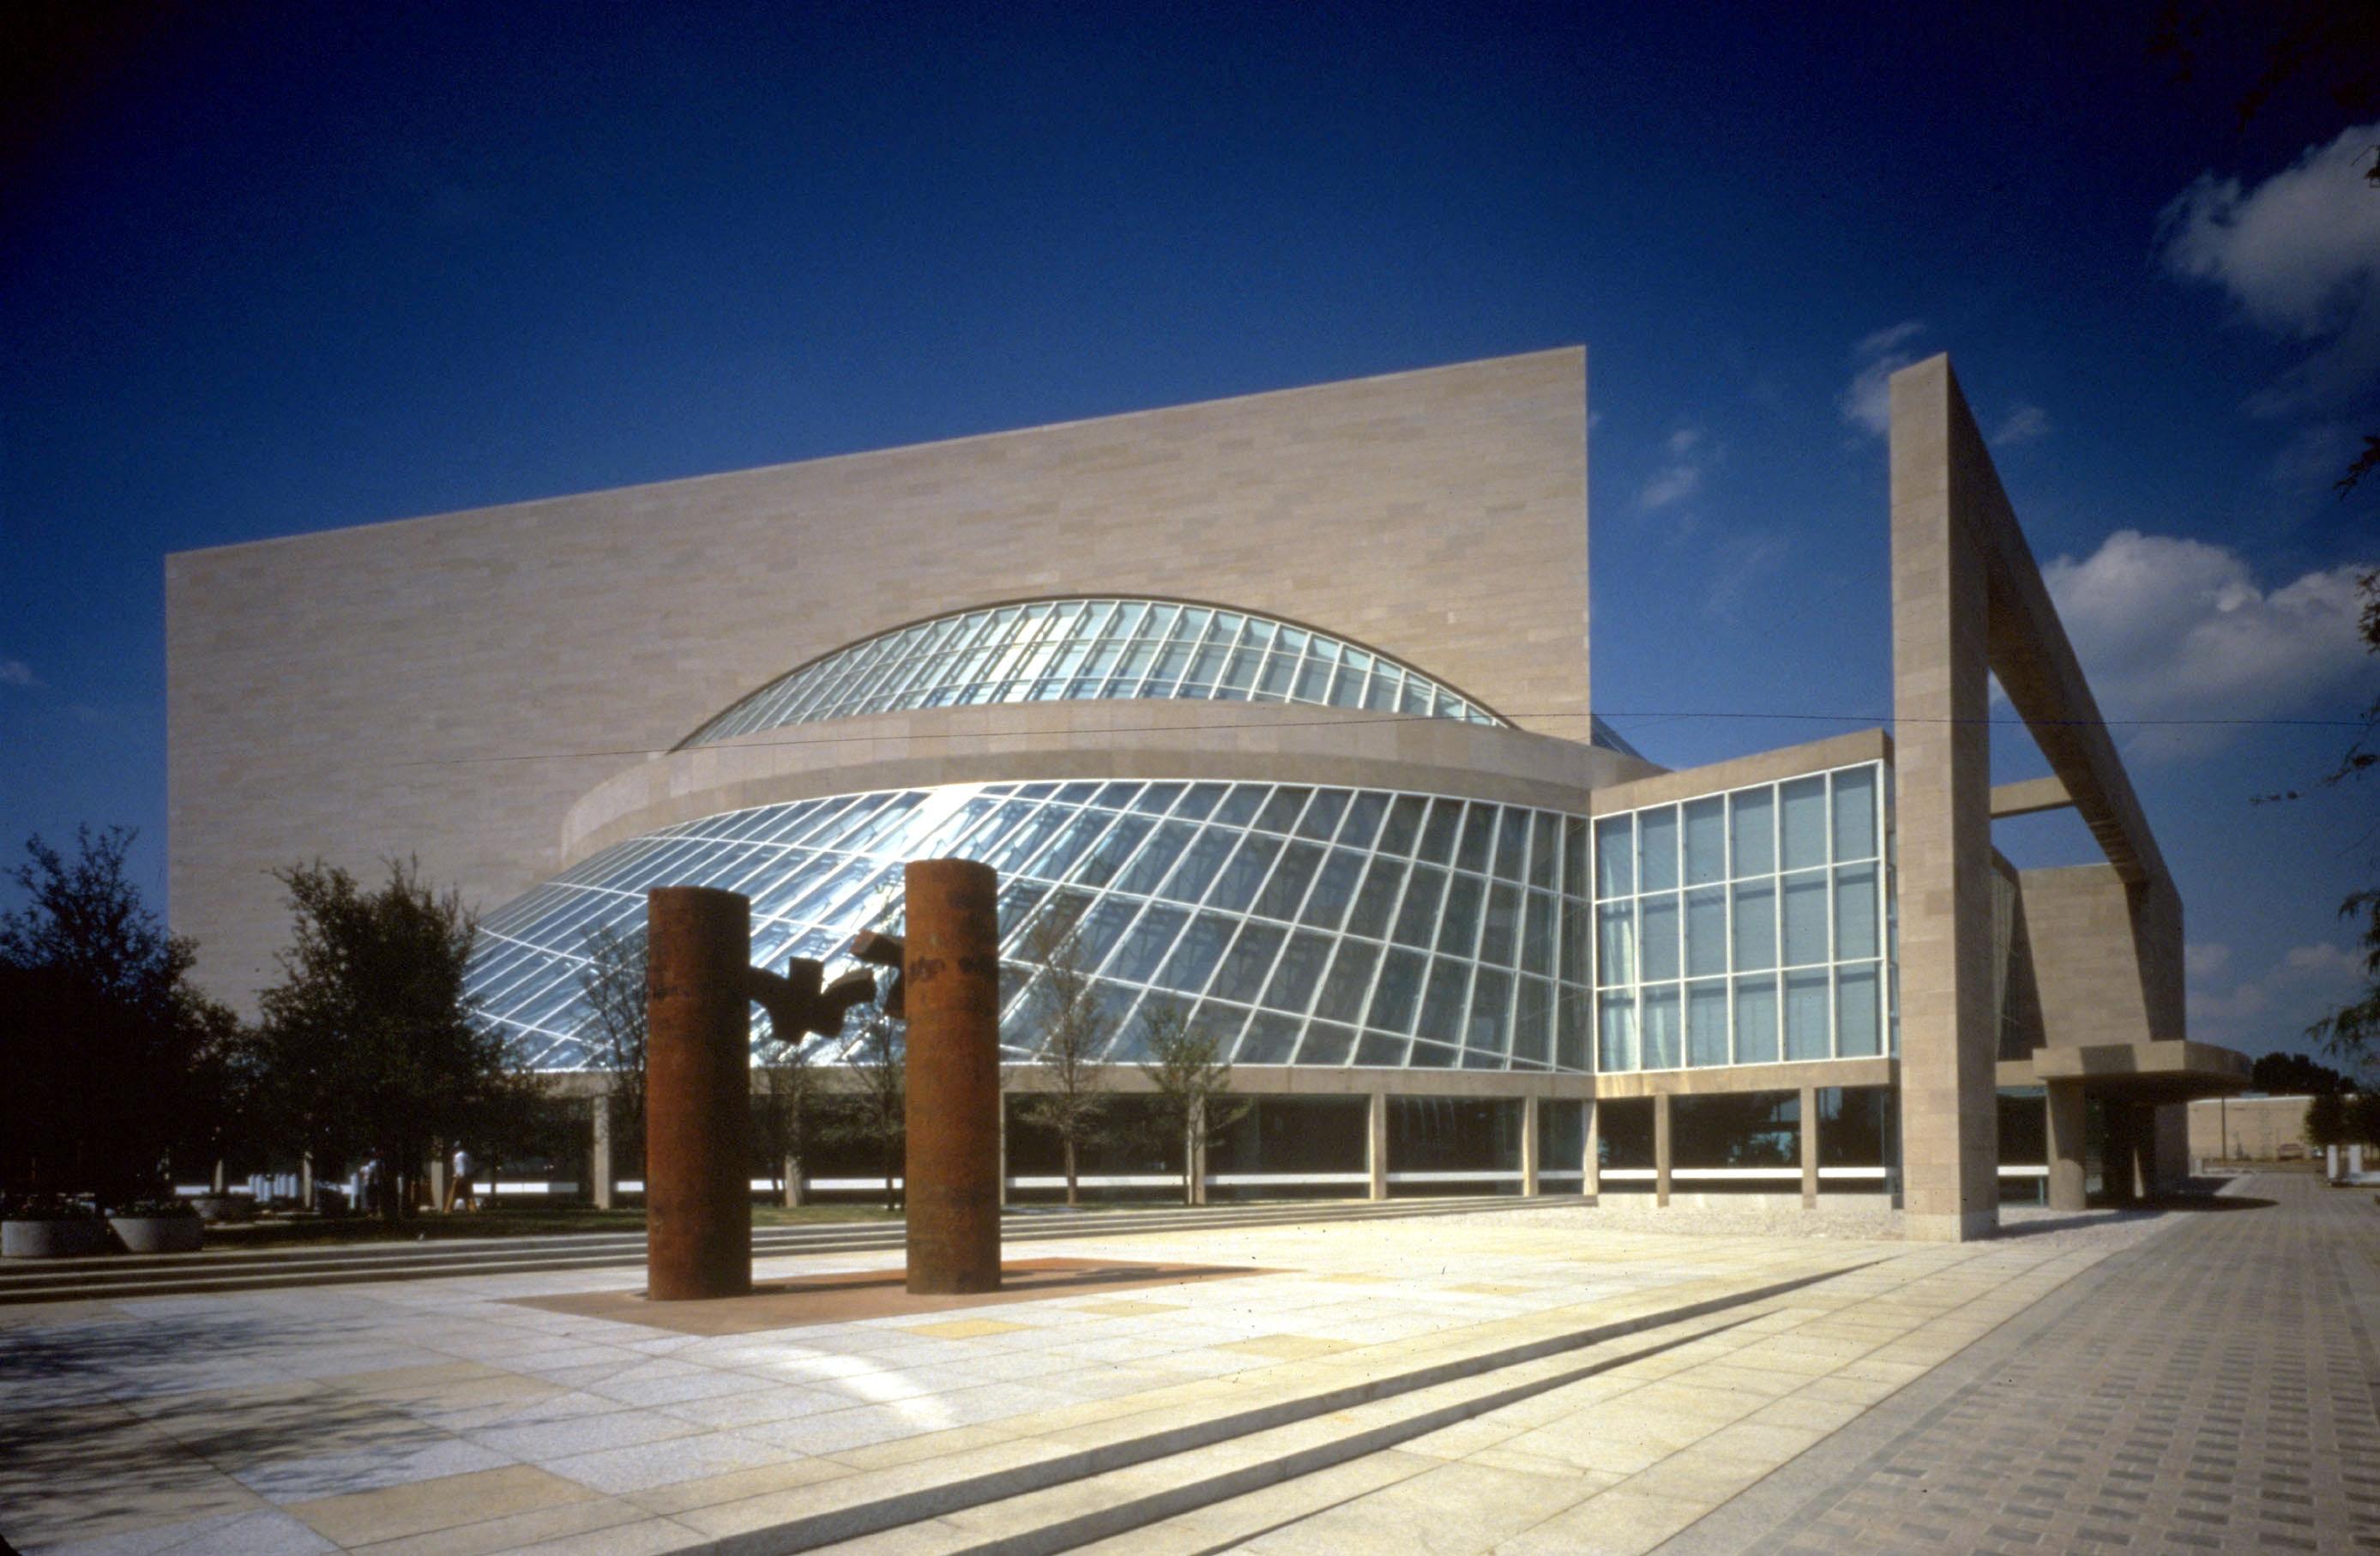 1989 Elogio a la música Dallas XV frente al Morton Meyer Symphony Center. Dallas, 1989.